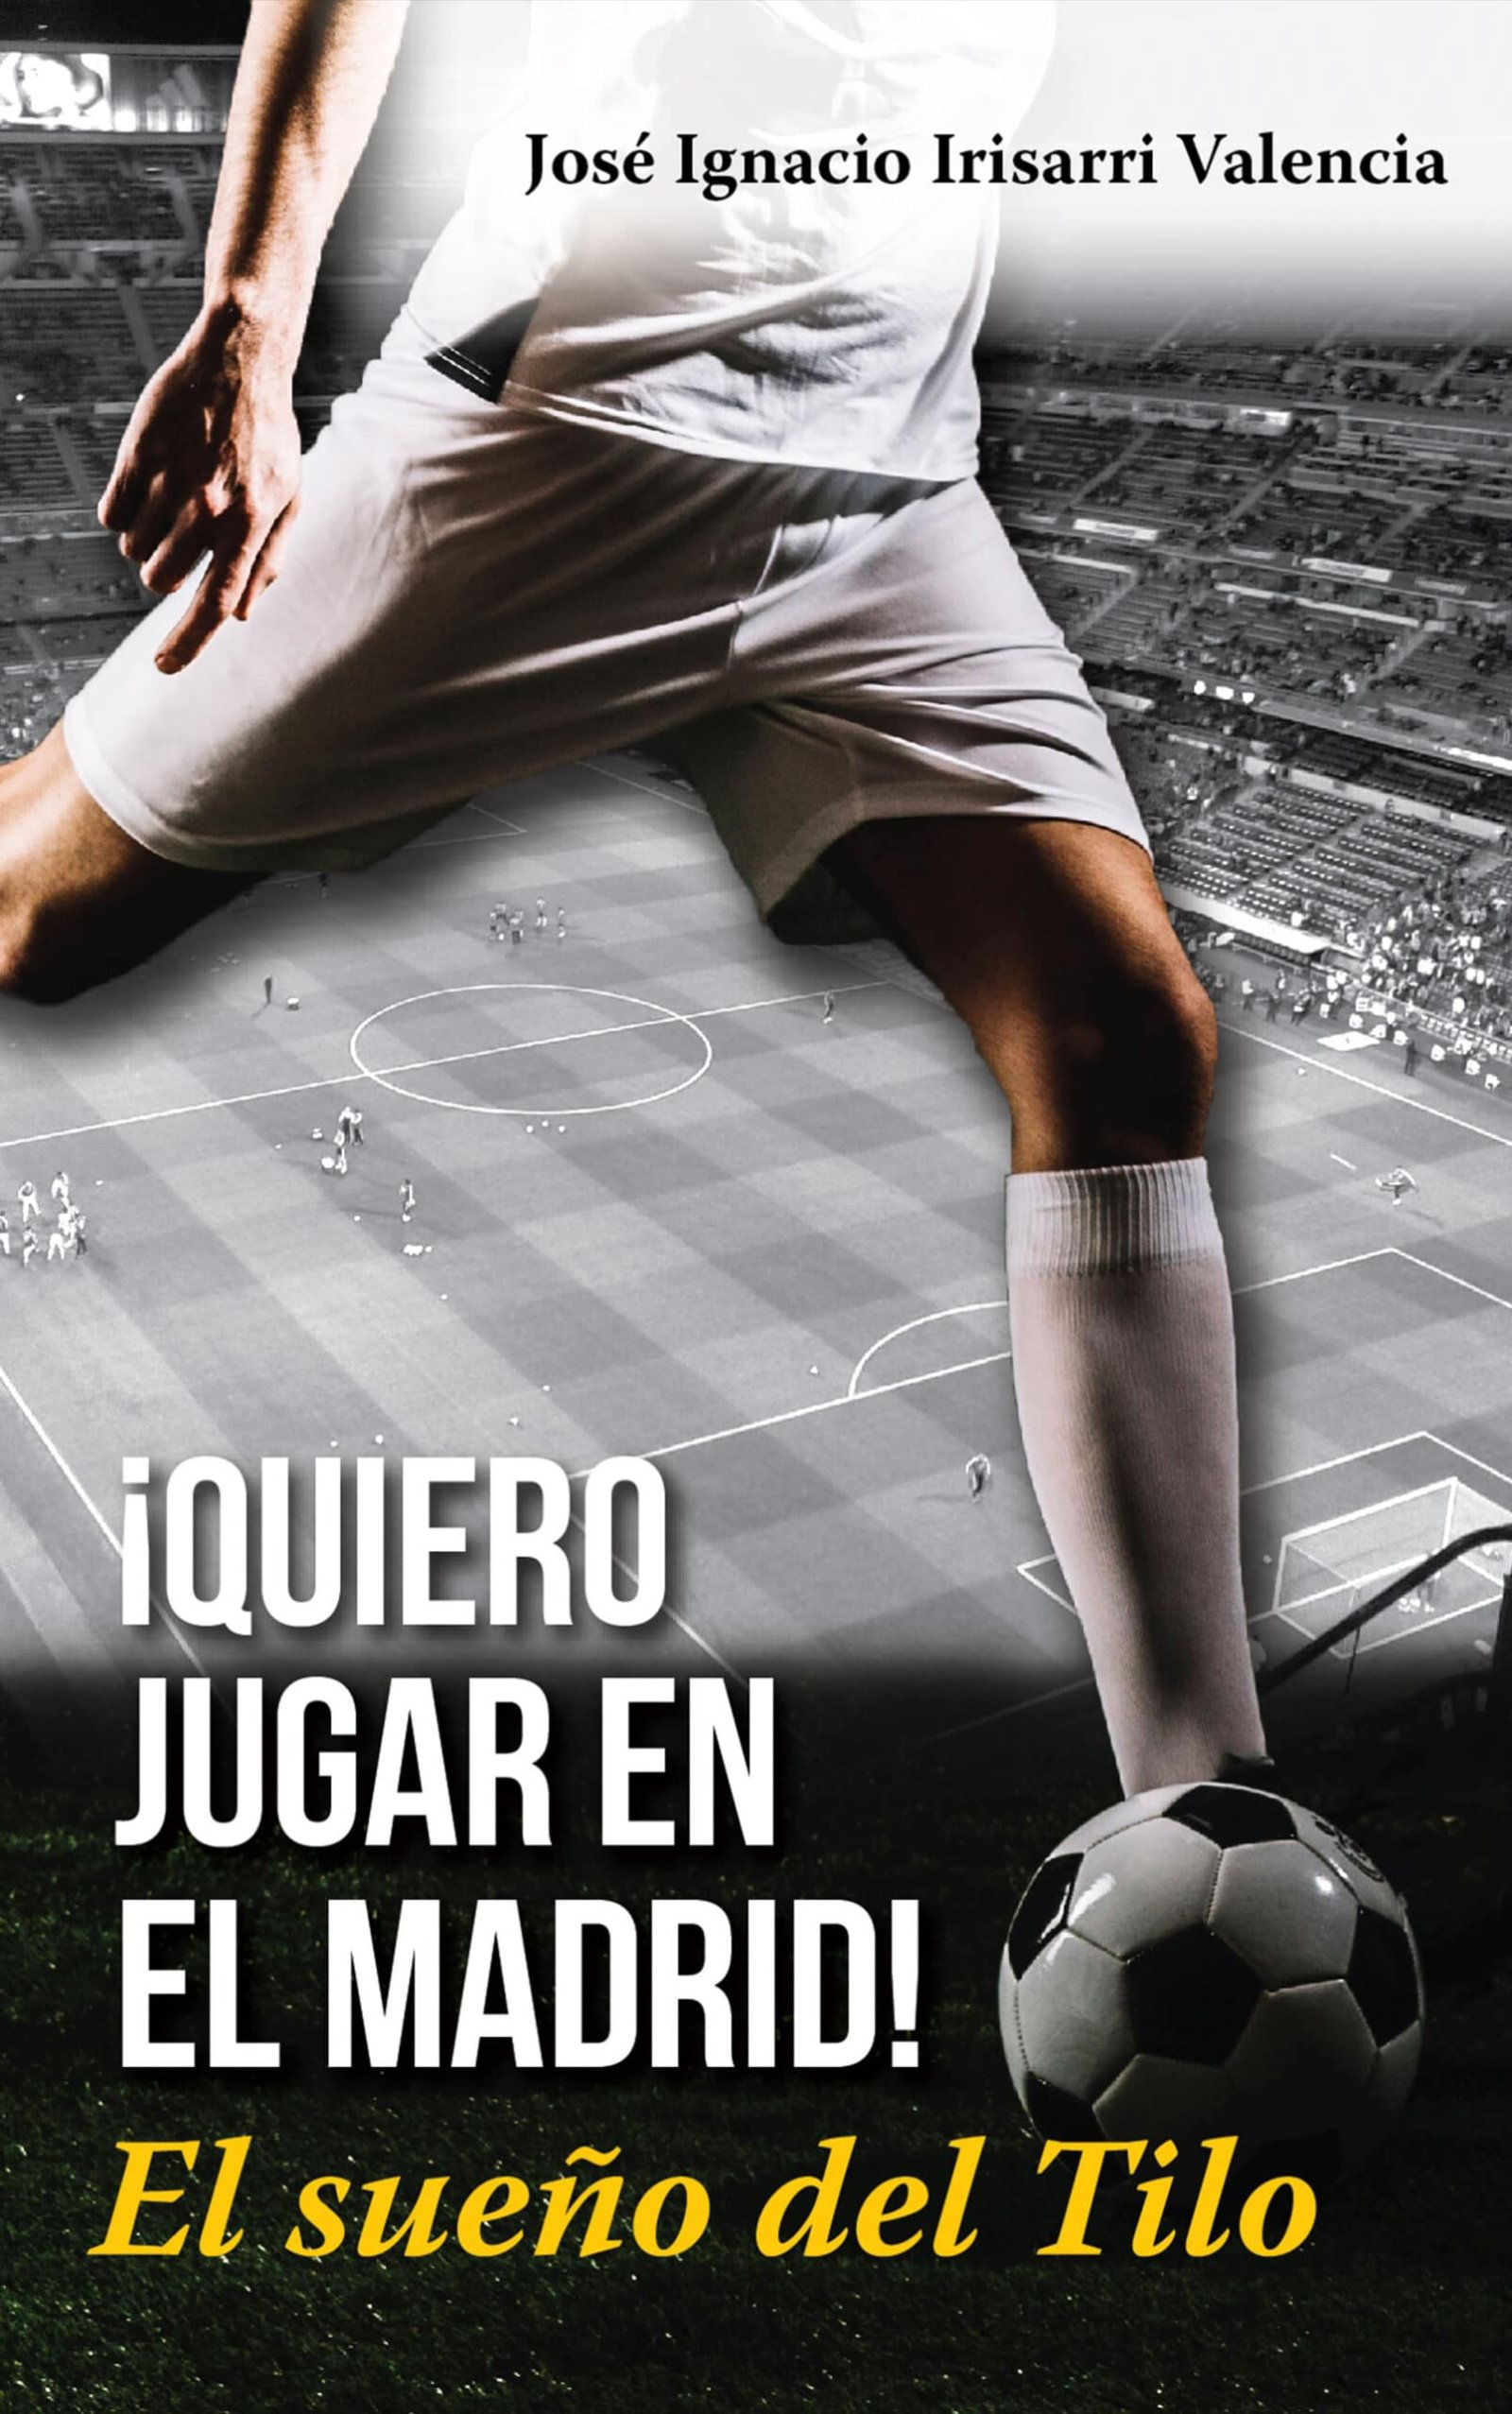 ¡Quiero jugar en el Madrid!, de José Ignacio Irisarri Valencia